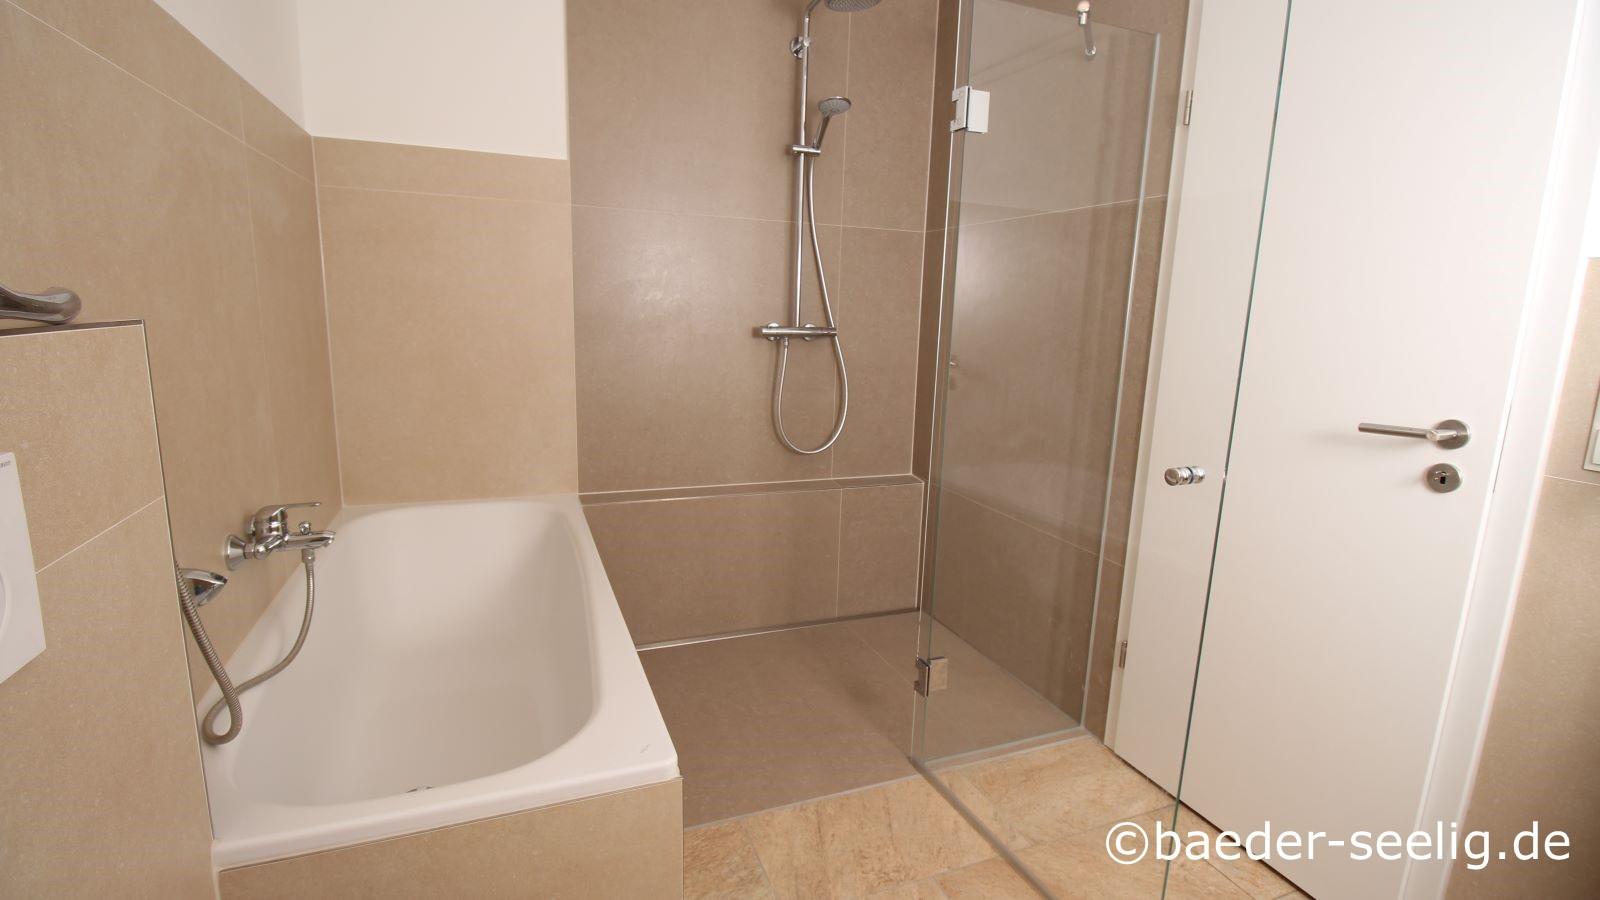 Abgebildet ist ein badezimmer nach barrierefreier badsanierung mit badewanne und bodengleicher dusche mit glasduschabtrennung und glasduschtuer. Die wandbuendig eingebaute, extra flache v4a edelstahl-duschrinne pro ist eine cm-genau in der laenge gefertigte sonderanfertigung, die diese geraeumige dusche als bodentiefe ausfuehrung zwischen der badewanne links und der wand rechts ermoeglicht. Hier ist die duschtuer nach außen eingeklappt.